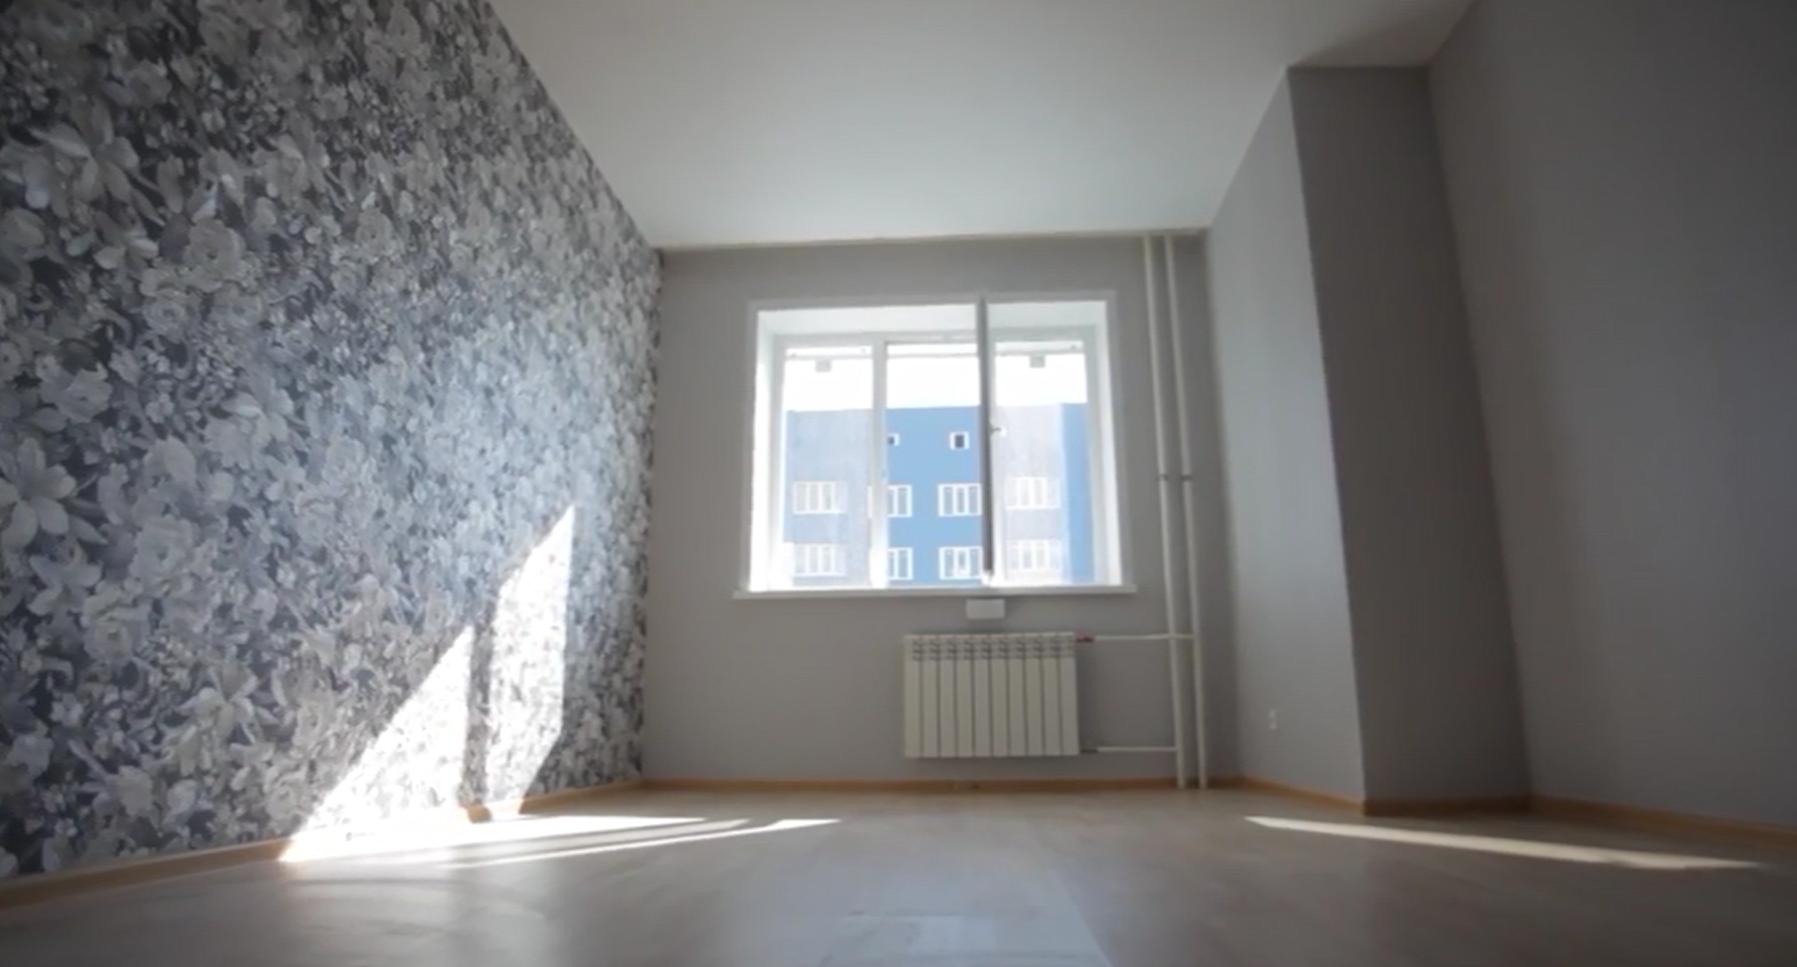 «Будет увеличиваться»: срок накоплений на квартиру в Перми резко вырос